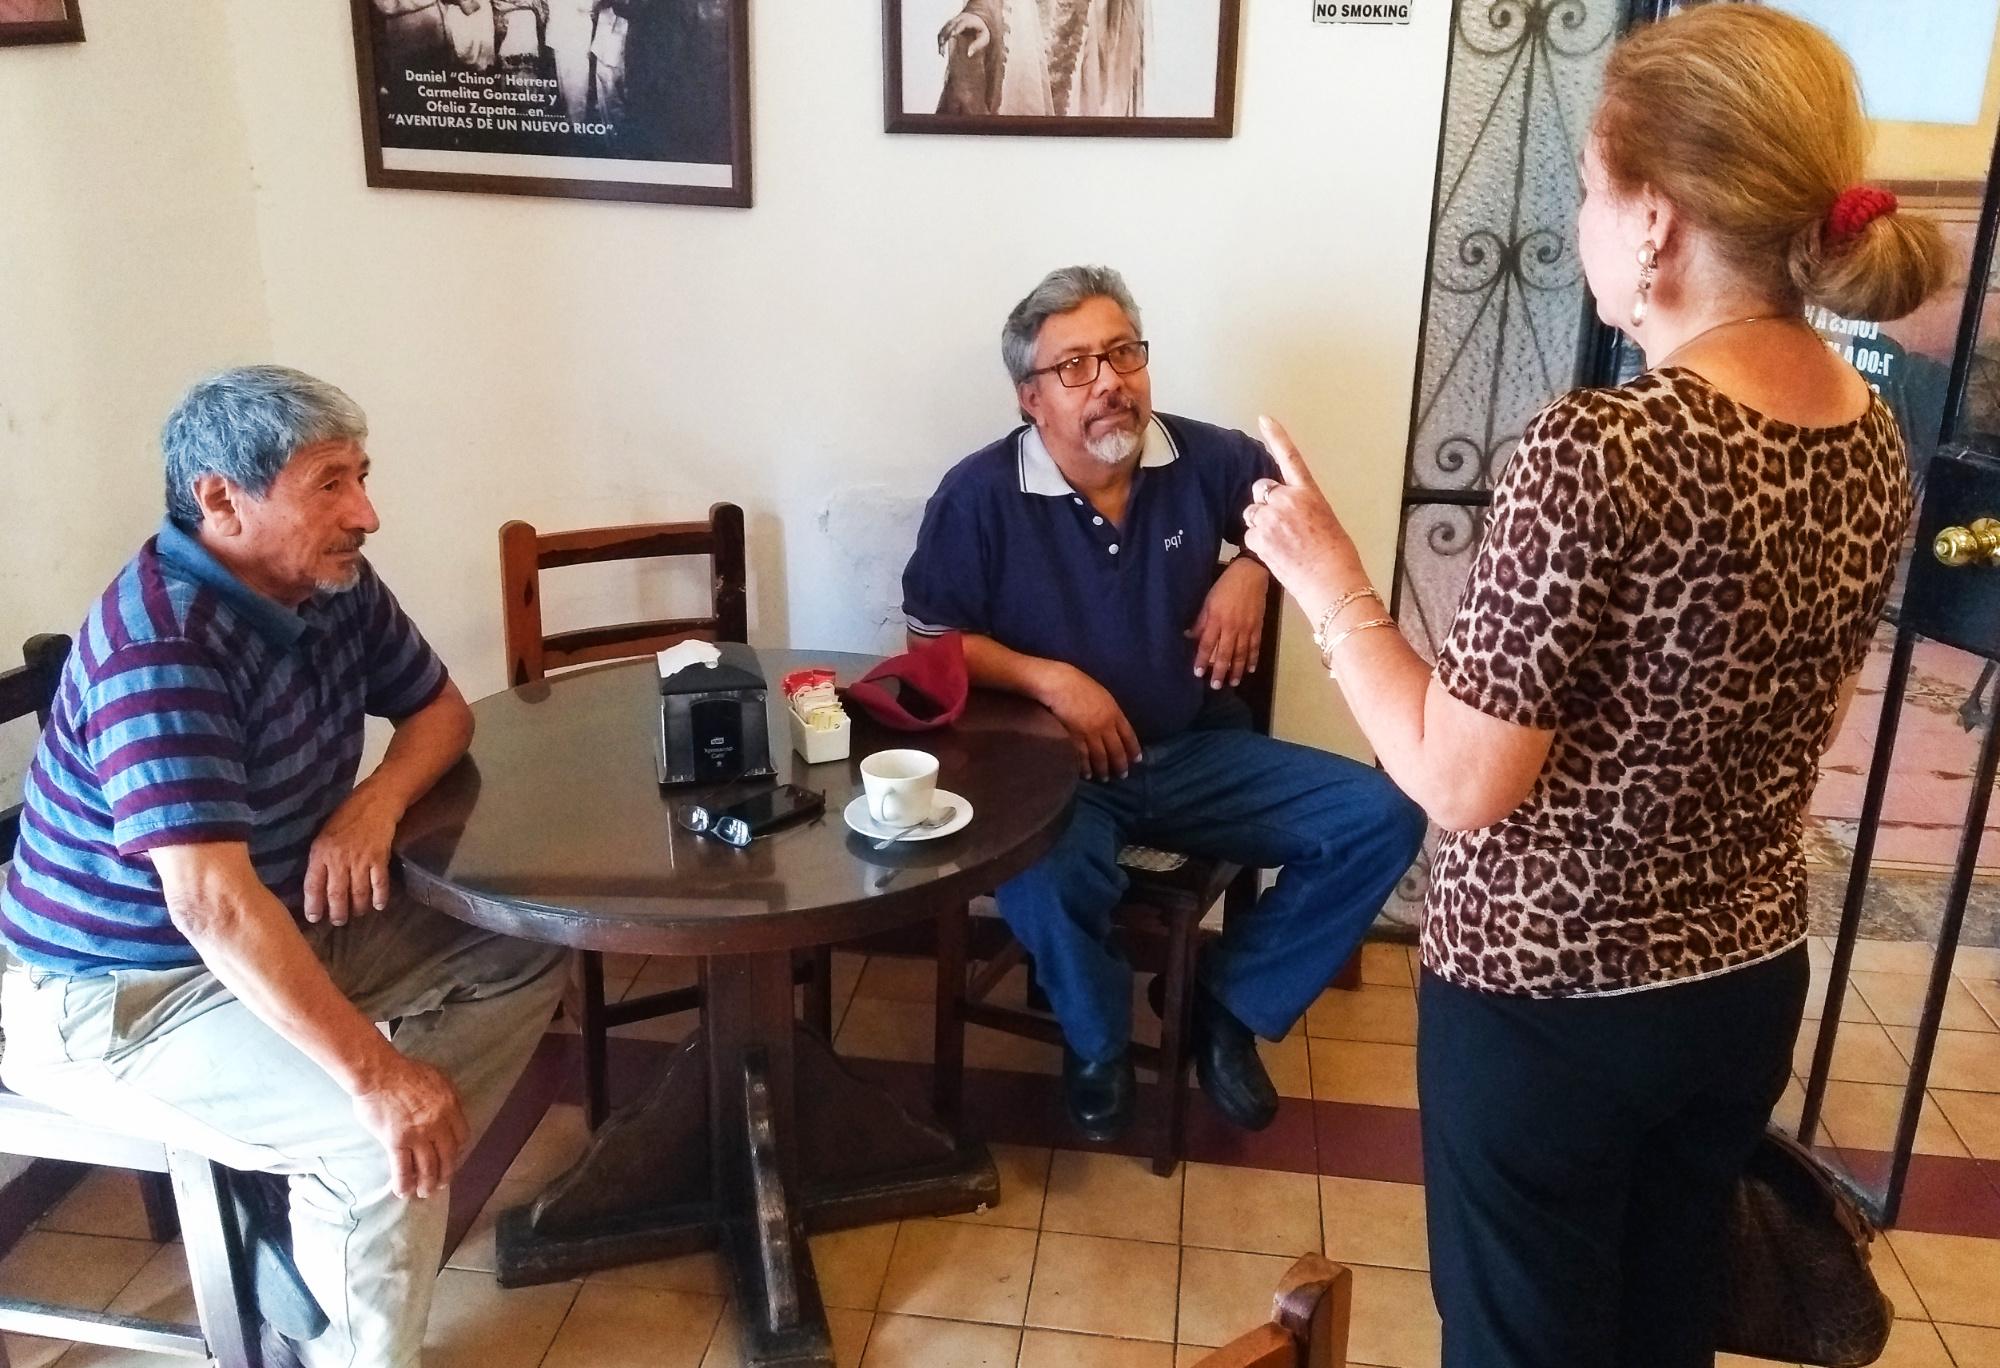 Yucatecos quieren frenar al Ejército: se amparan contra Ley de Seguridad (video)